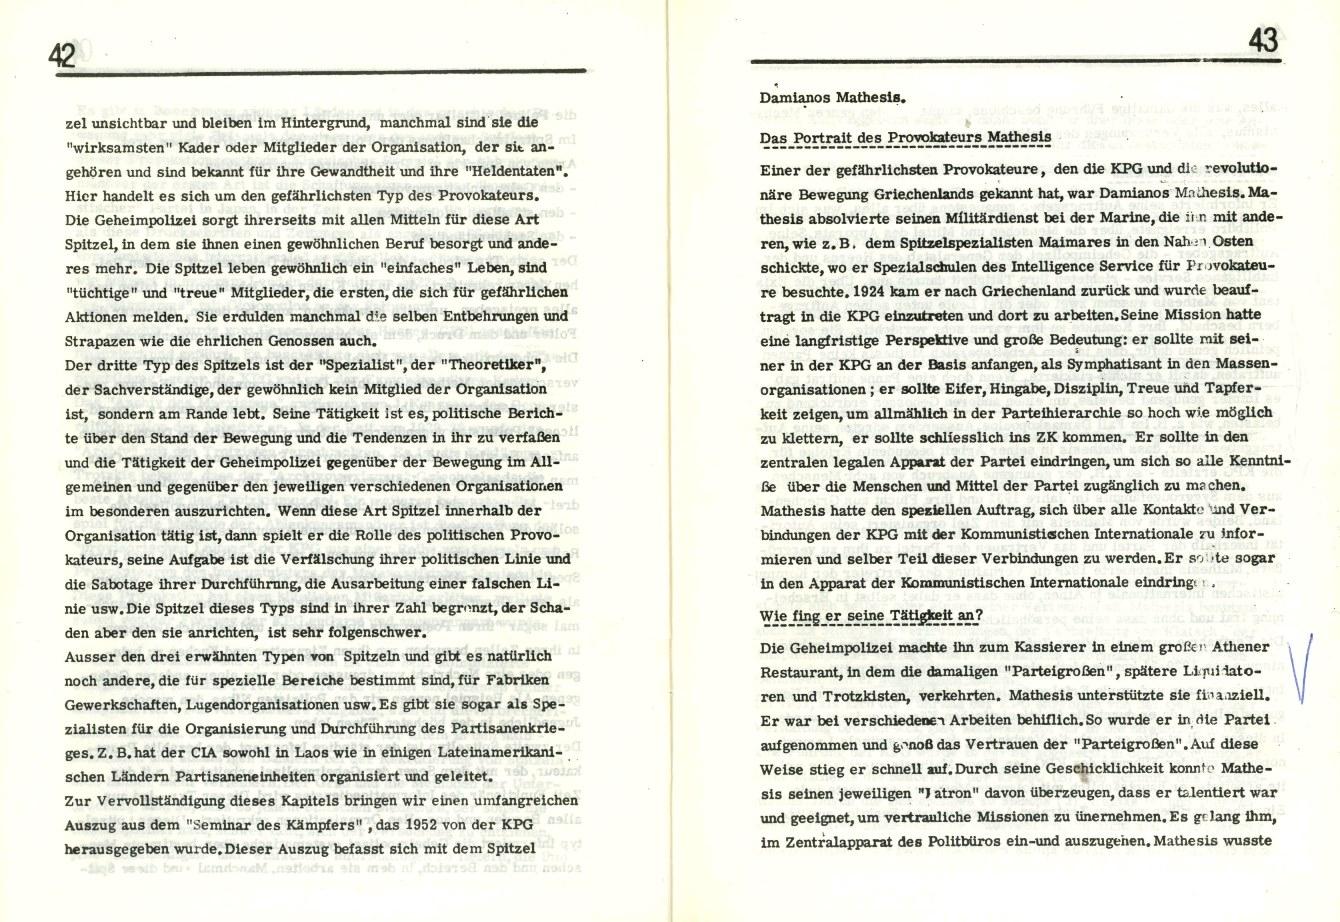 Griechenland_Griechische_ML_1971_Dokumente_01_22